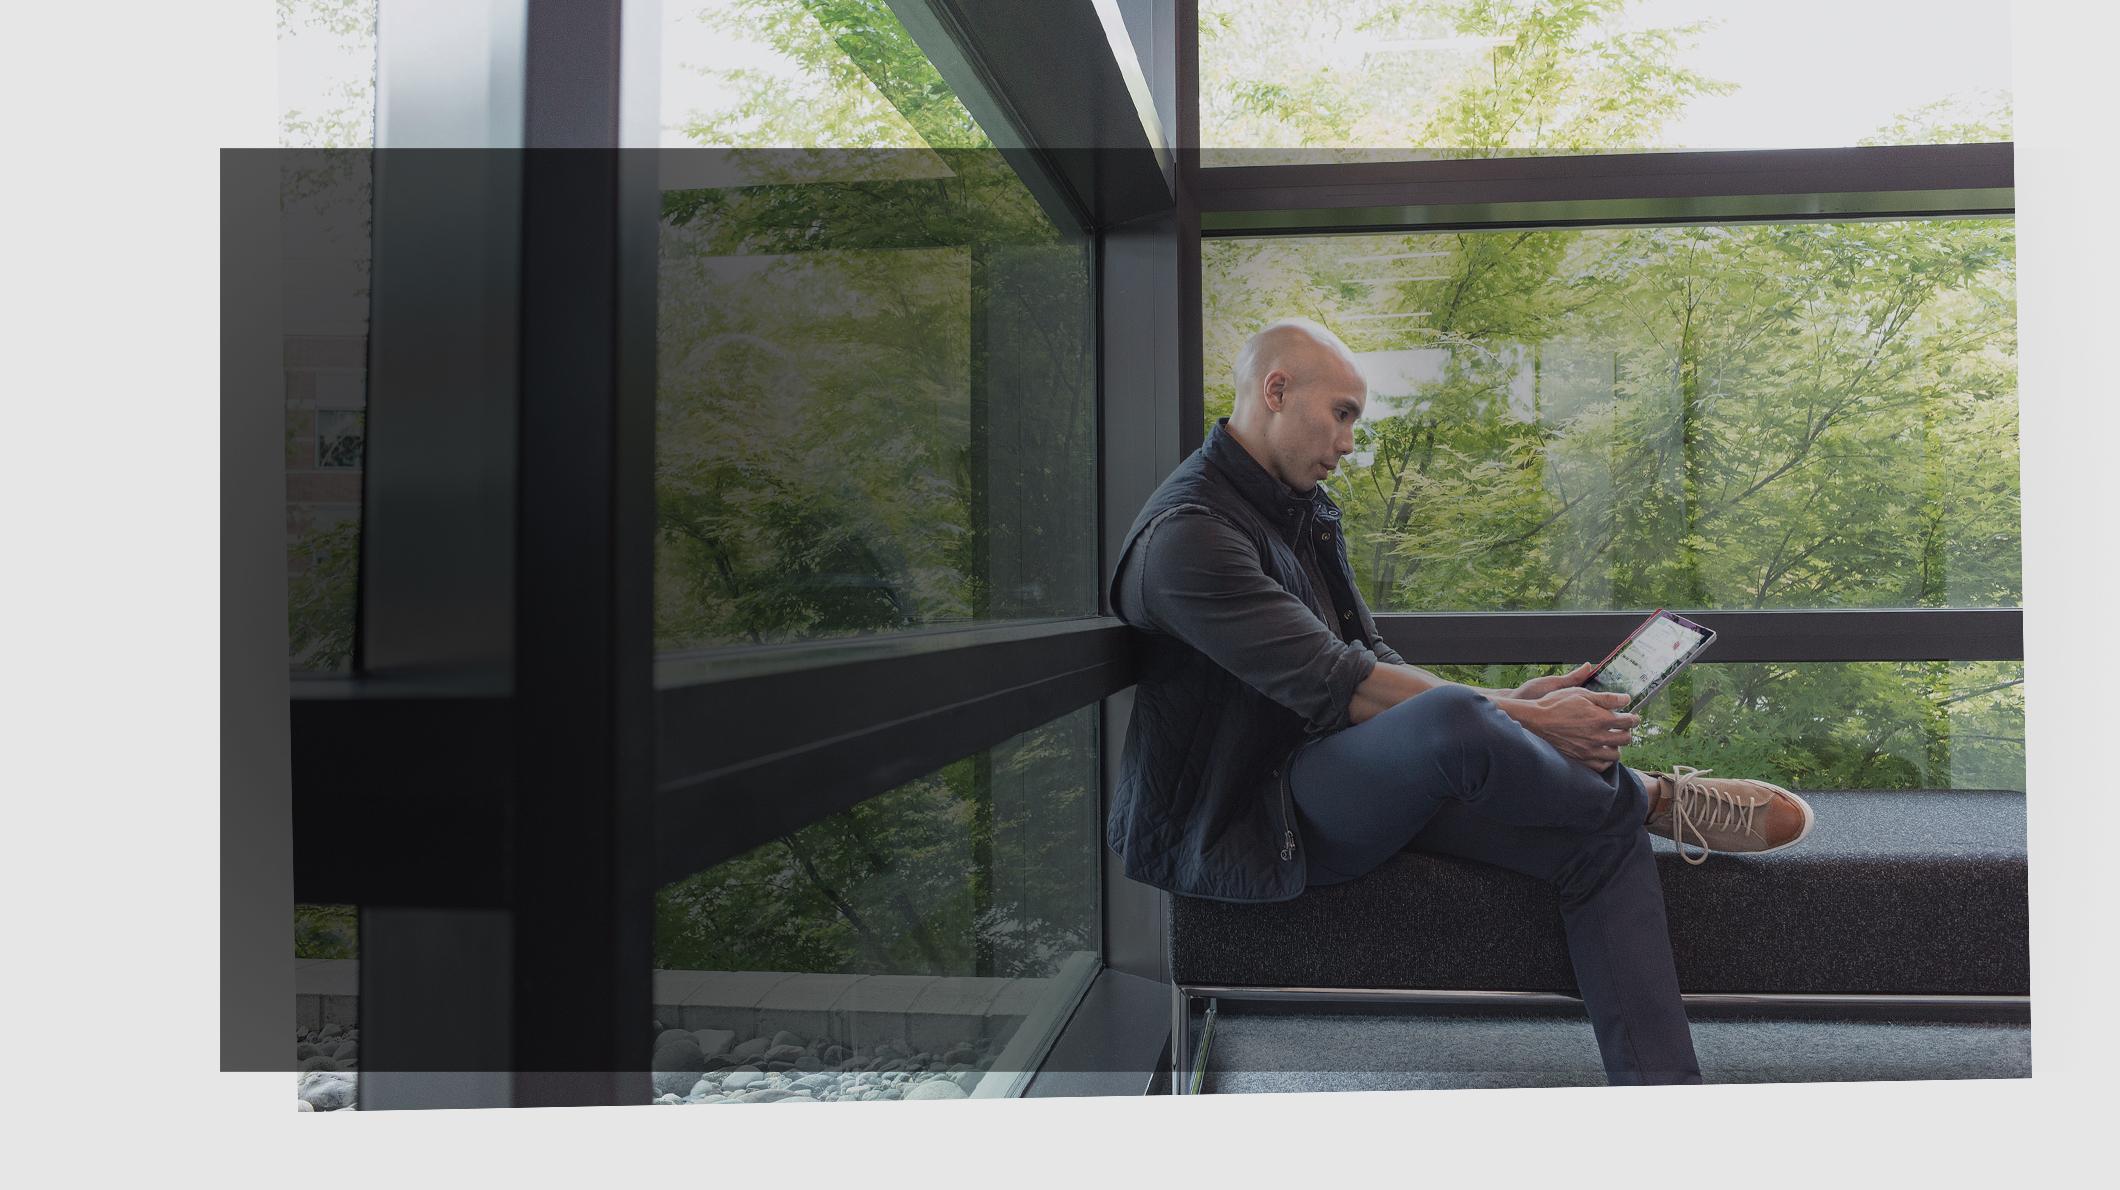 Vīrietis sēž uz soliņa un skatās uz ierīci rokās